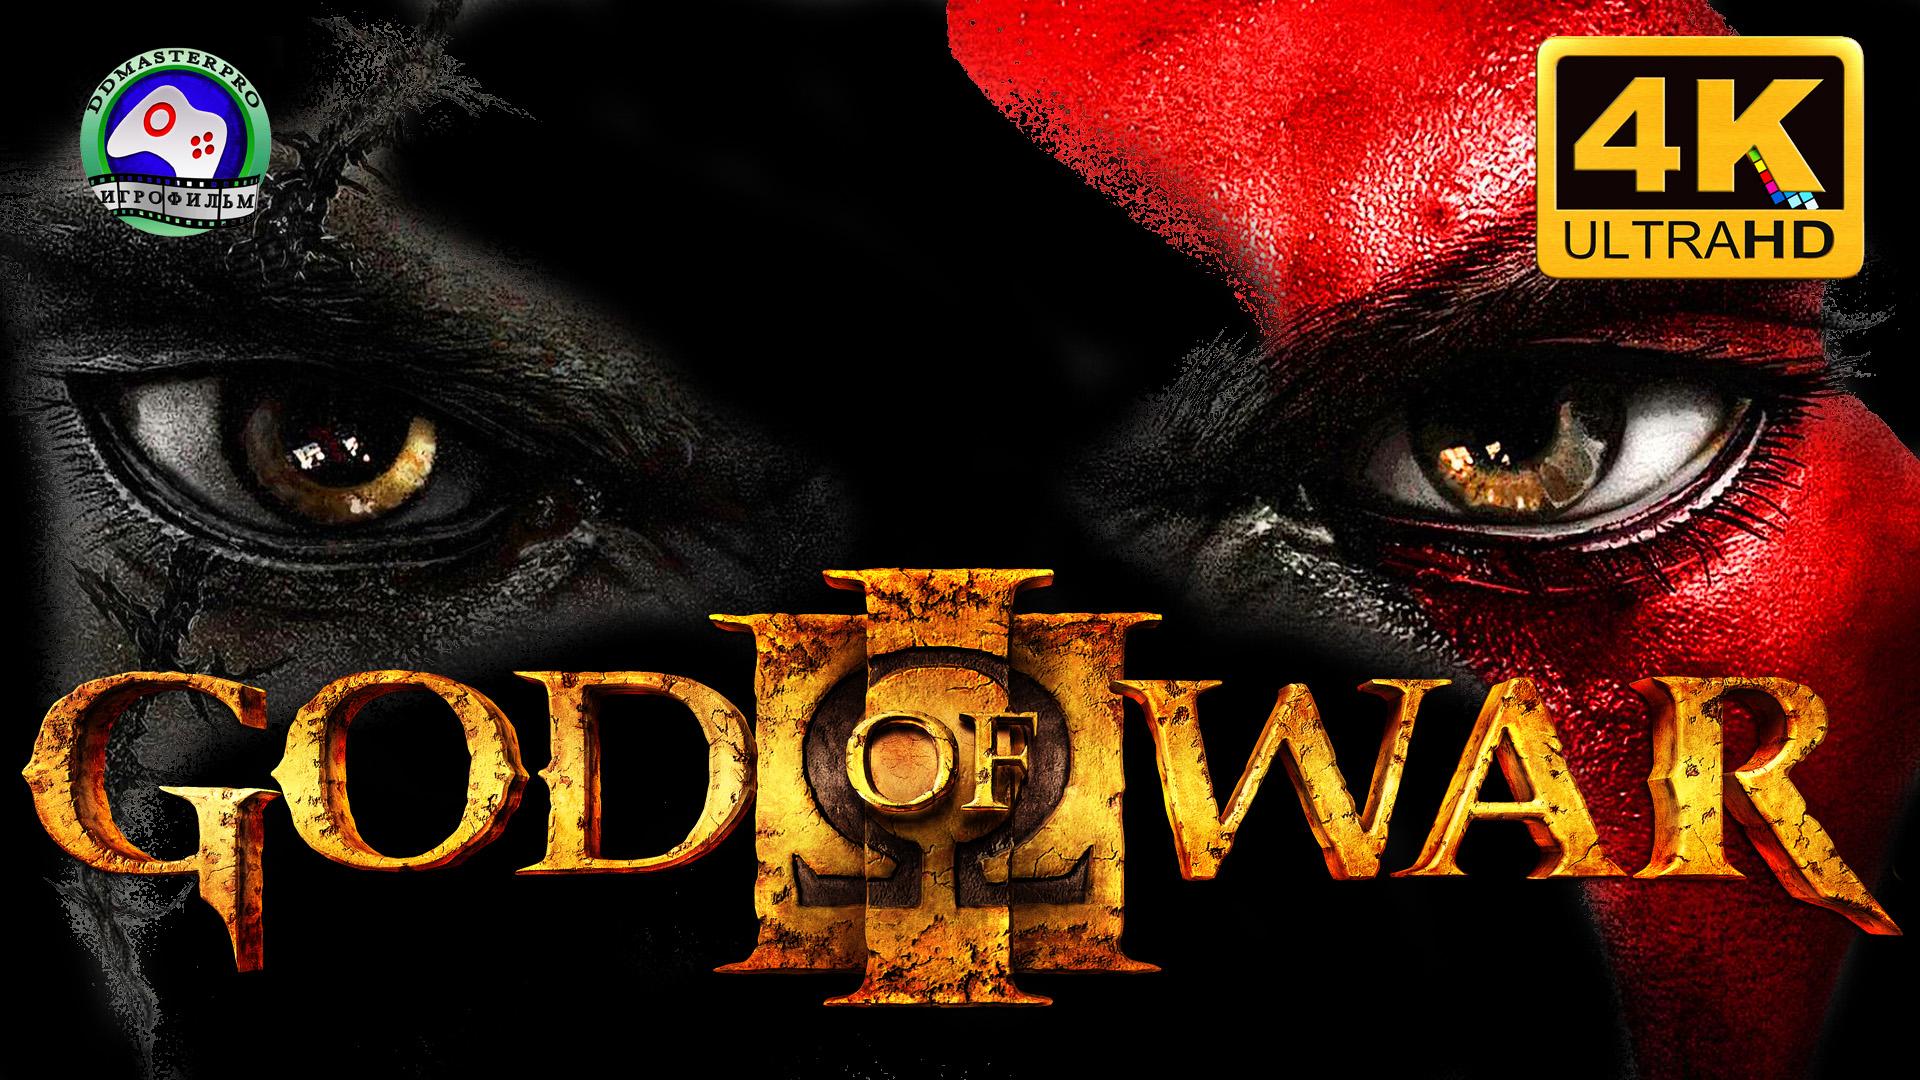 God of war 3 - Игрофильм2